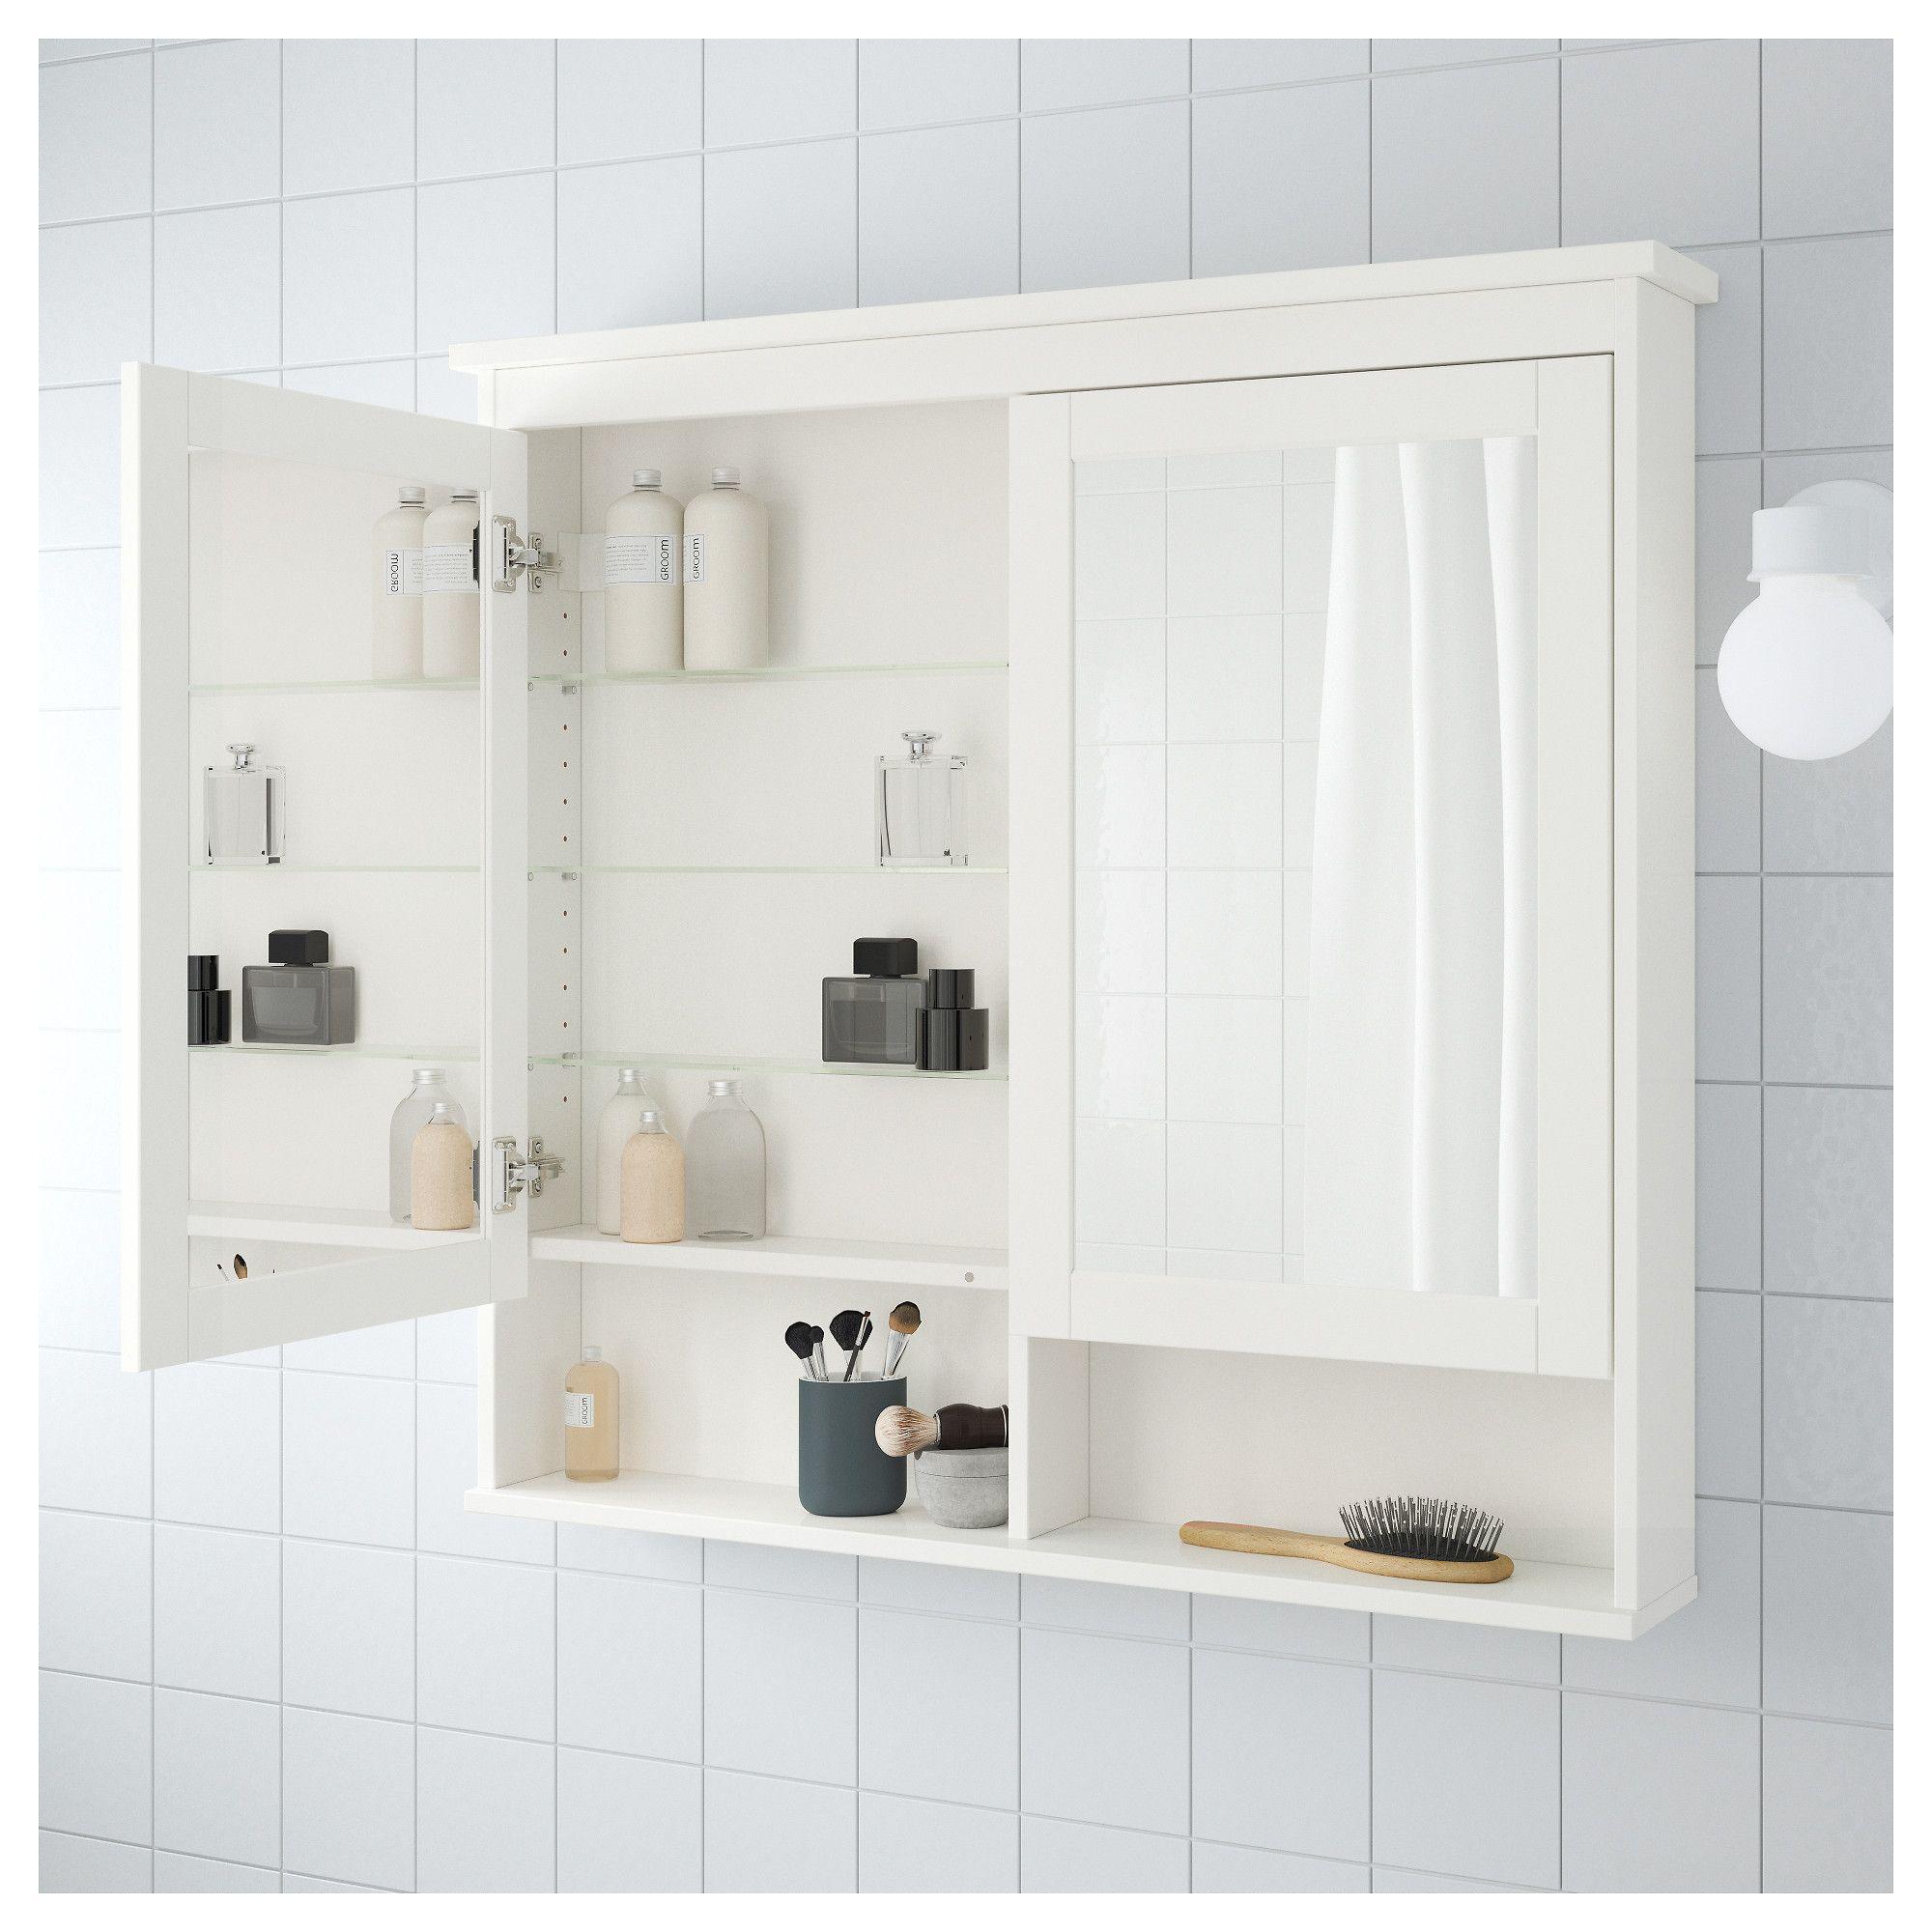 HEMNES Spiegelschrank 2 Türen weiß | Spiegelschrank ...